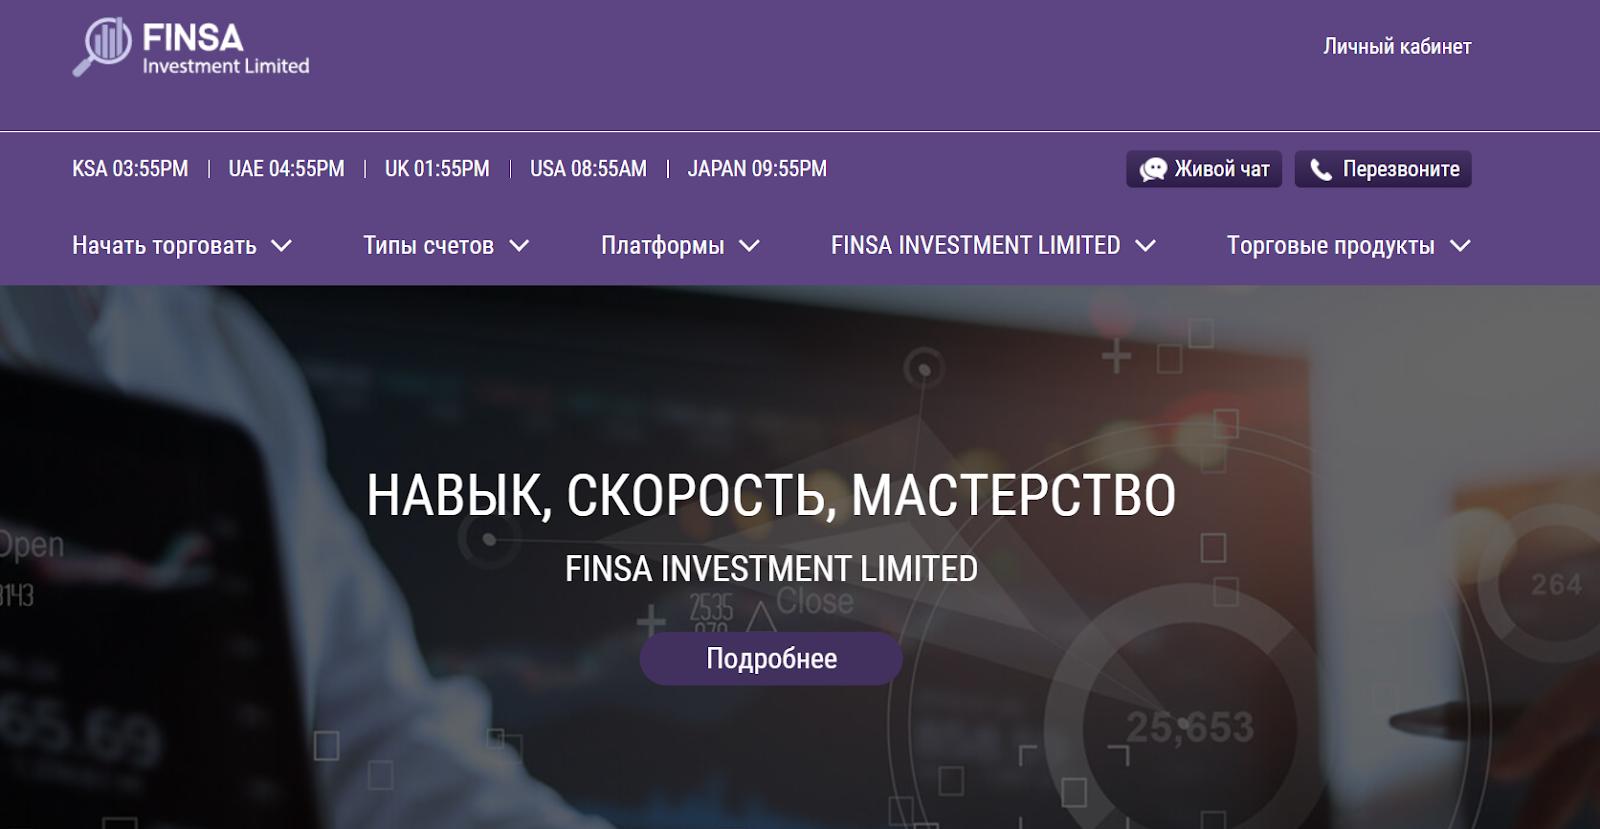 Отзывы о Finsa Investment Limited: можно ли сотрудничать с брокером? реальные отзывы